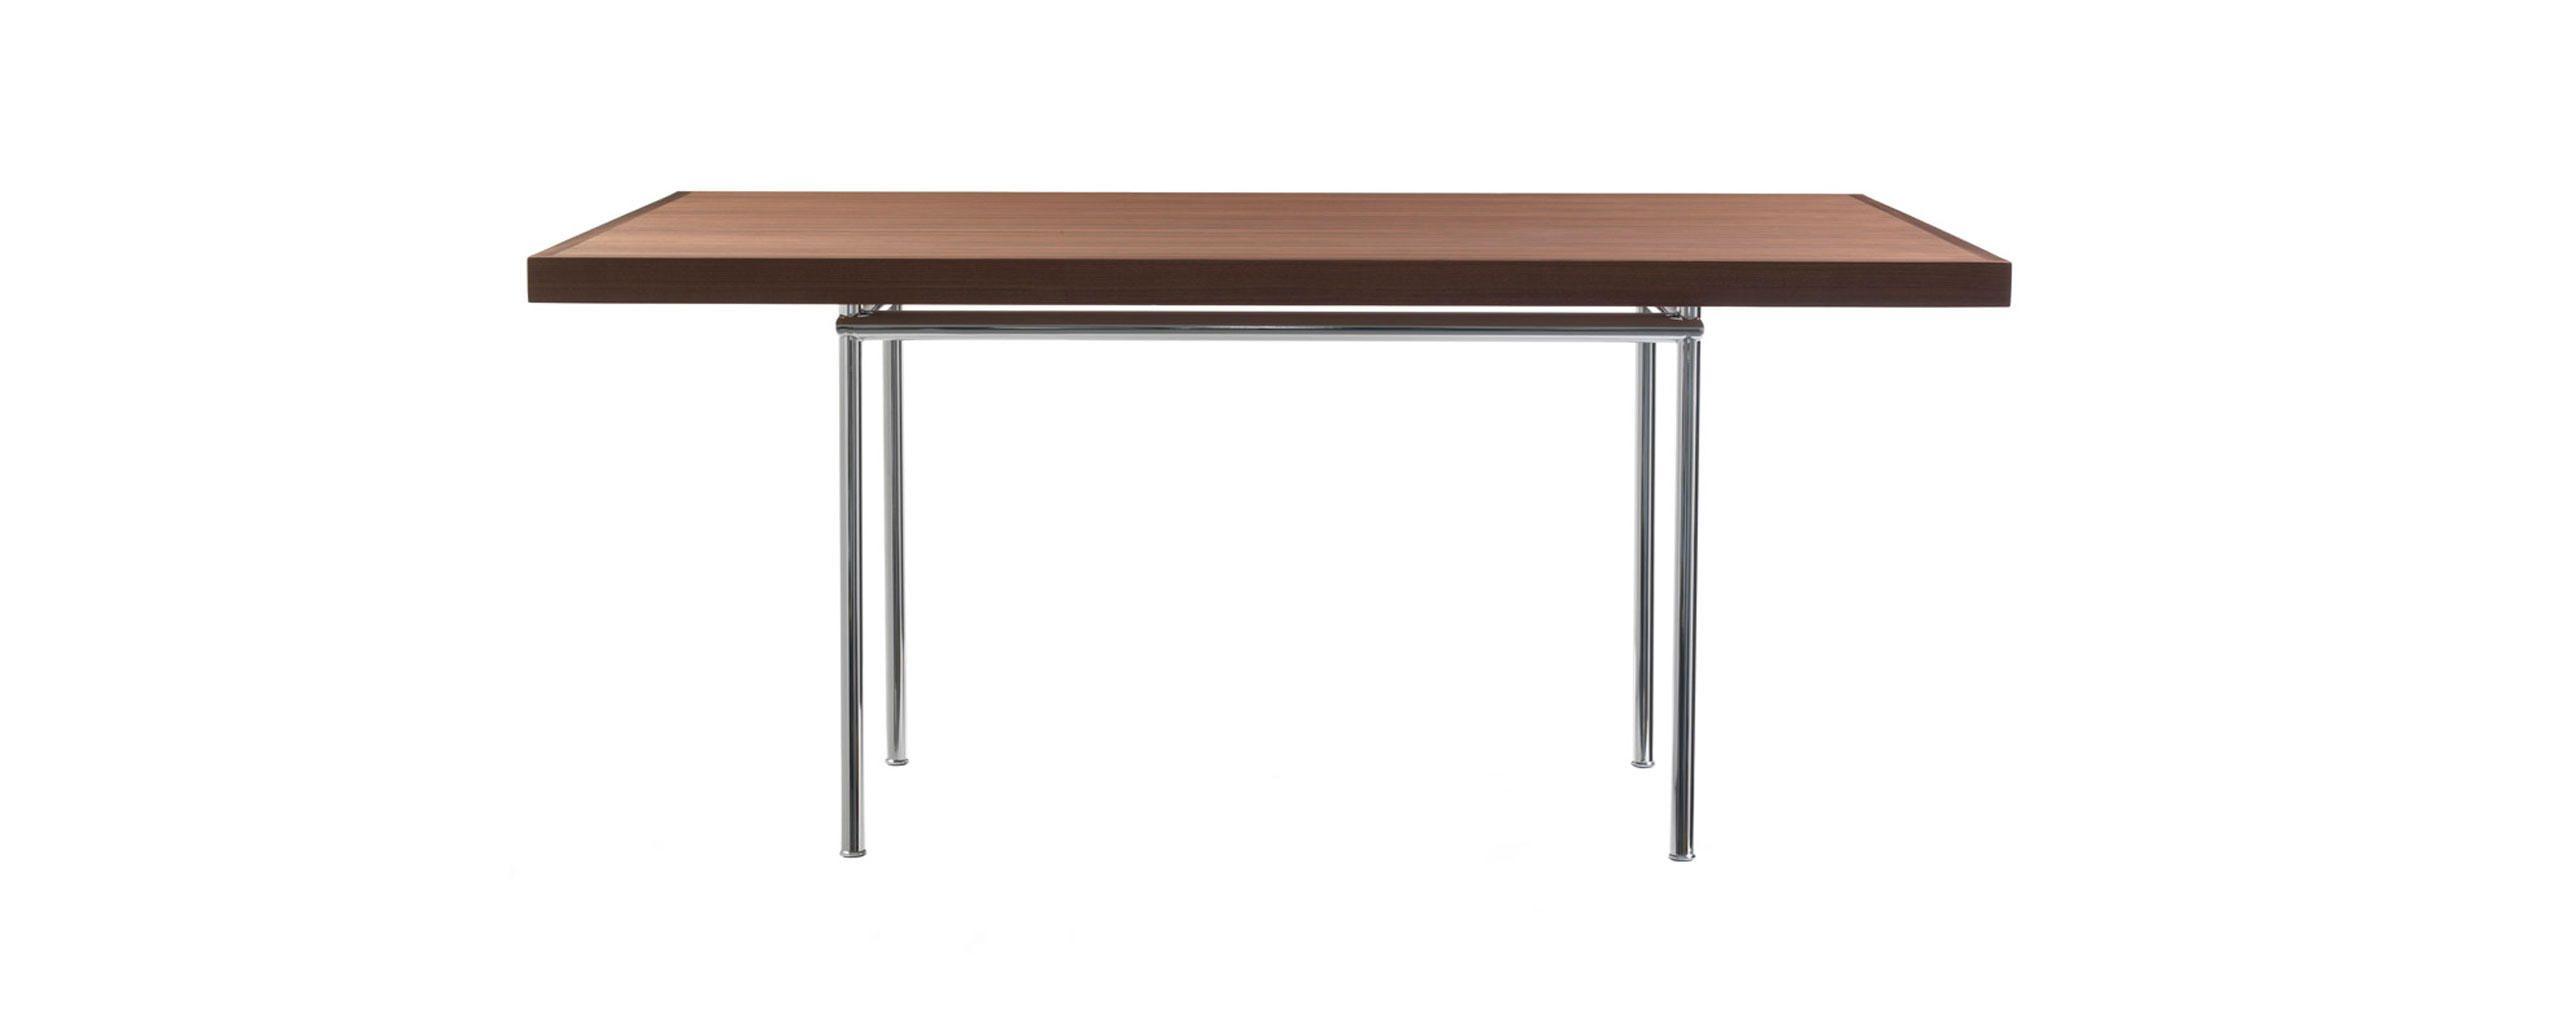 LC12 Tables Le Corbusier Pierre Jeanneret Cassina